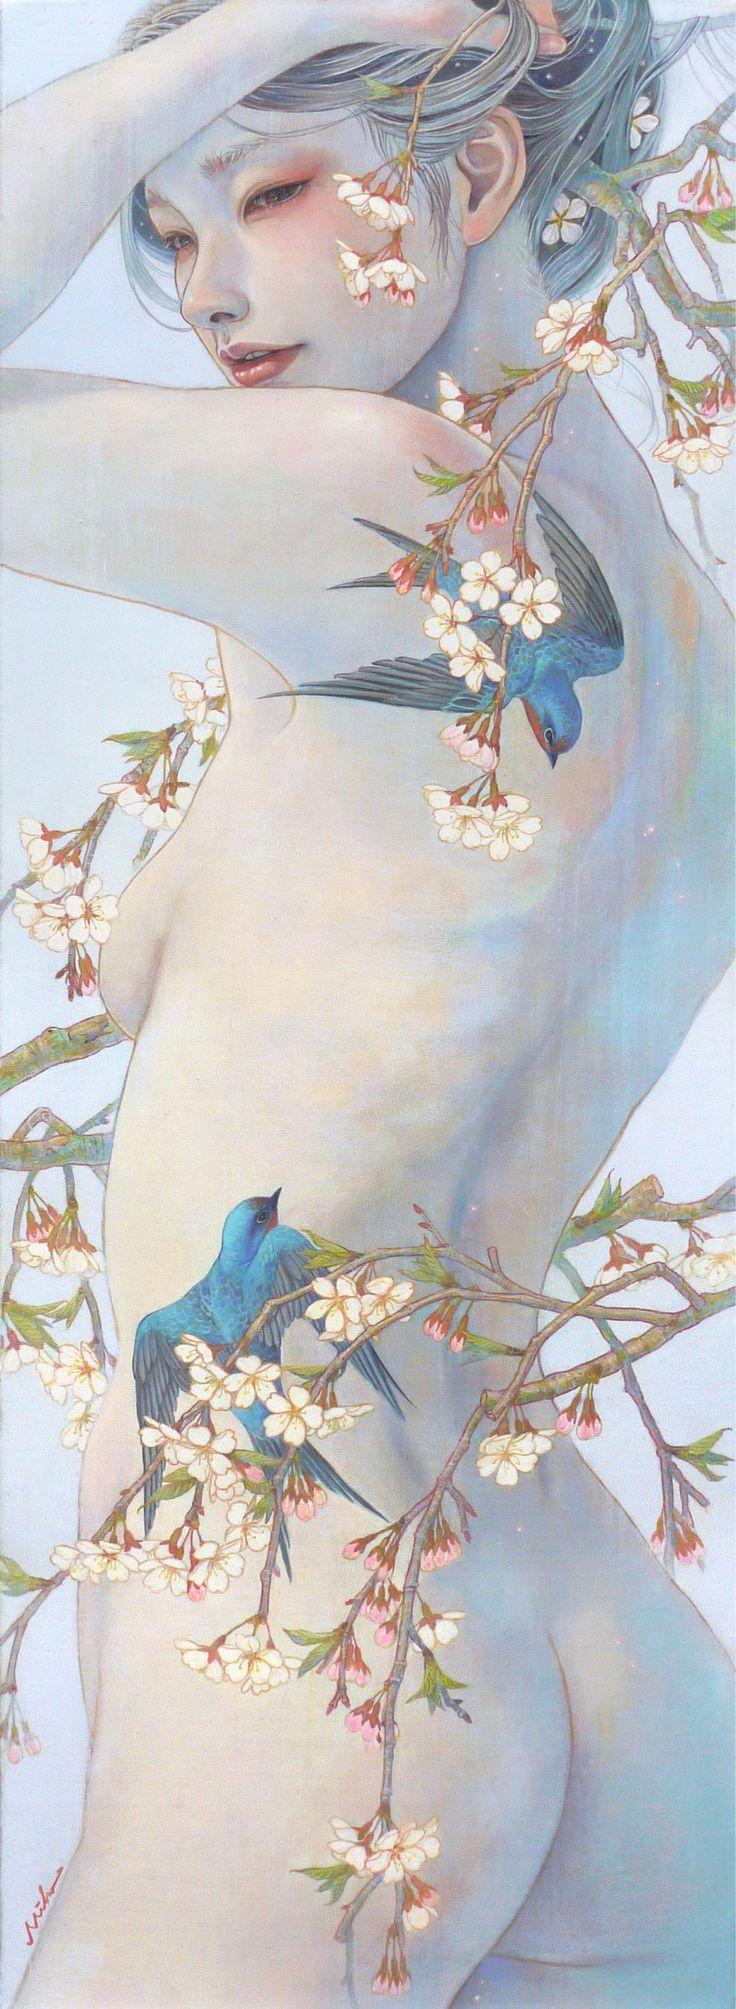 Mихо Хирано - Все интересное в искусстве и не только.